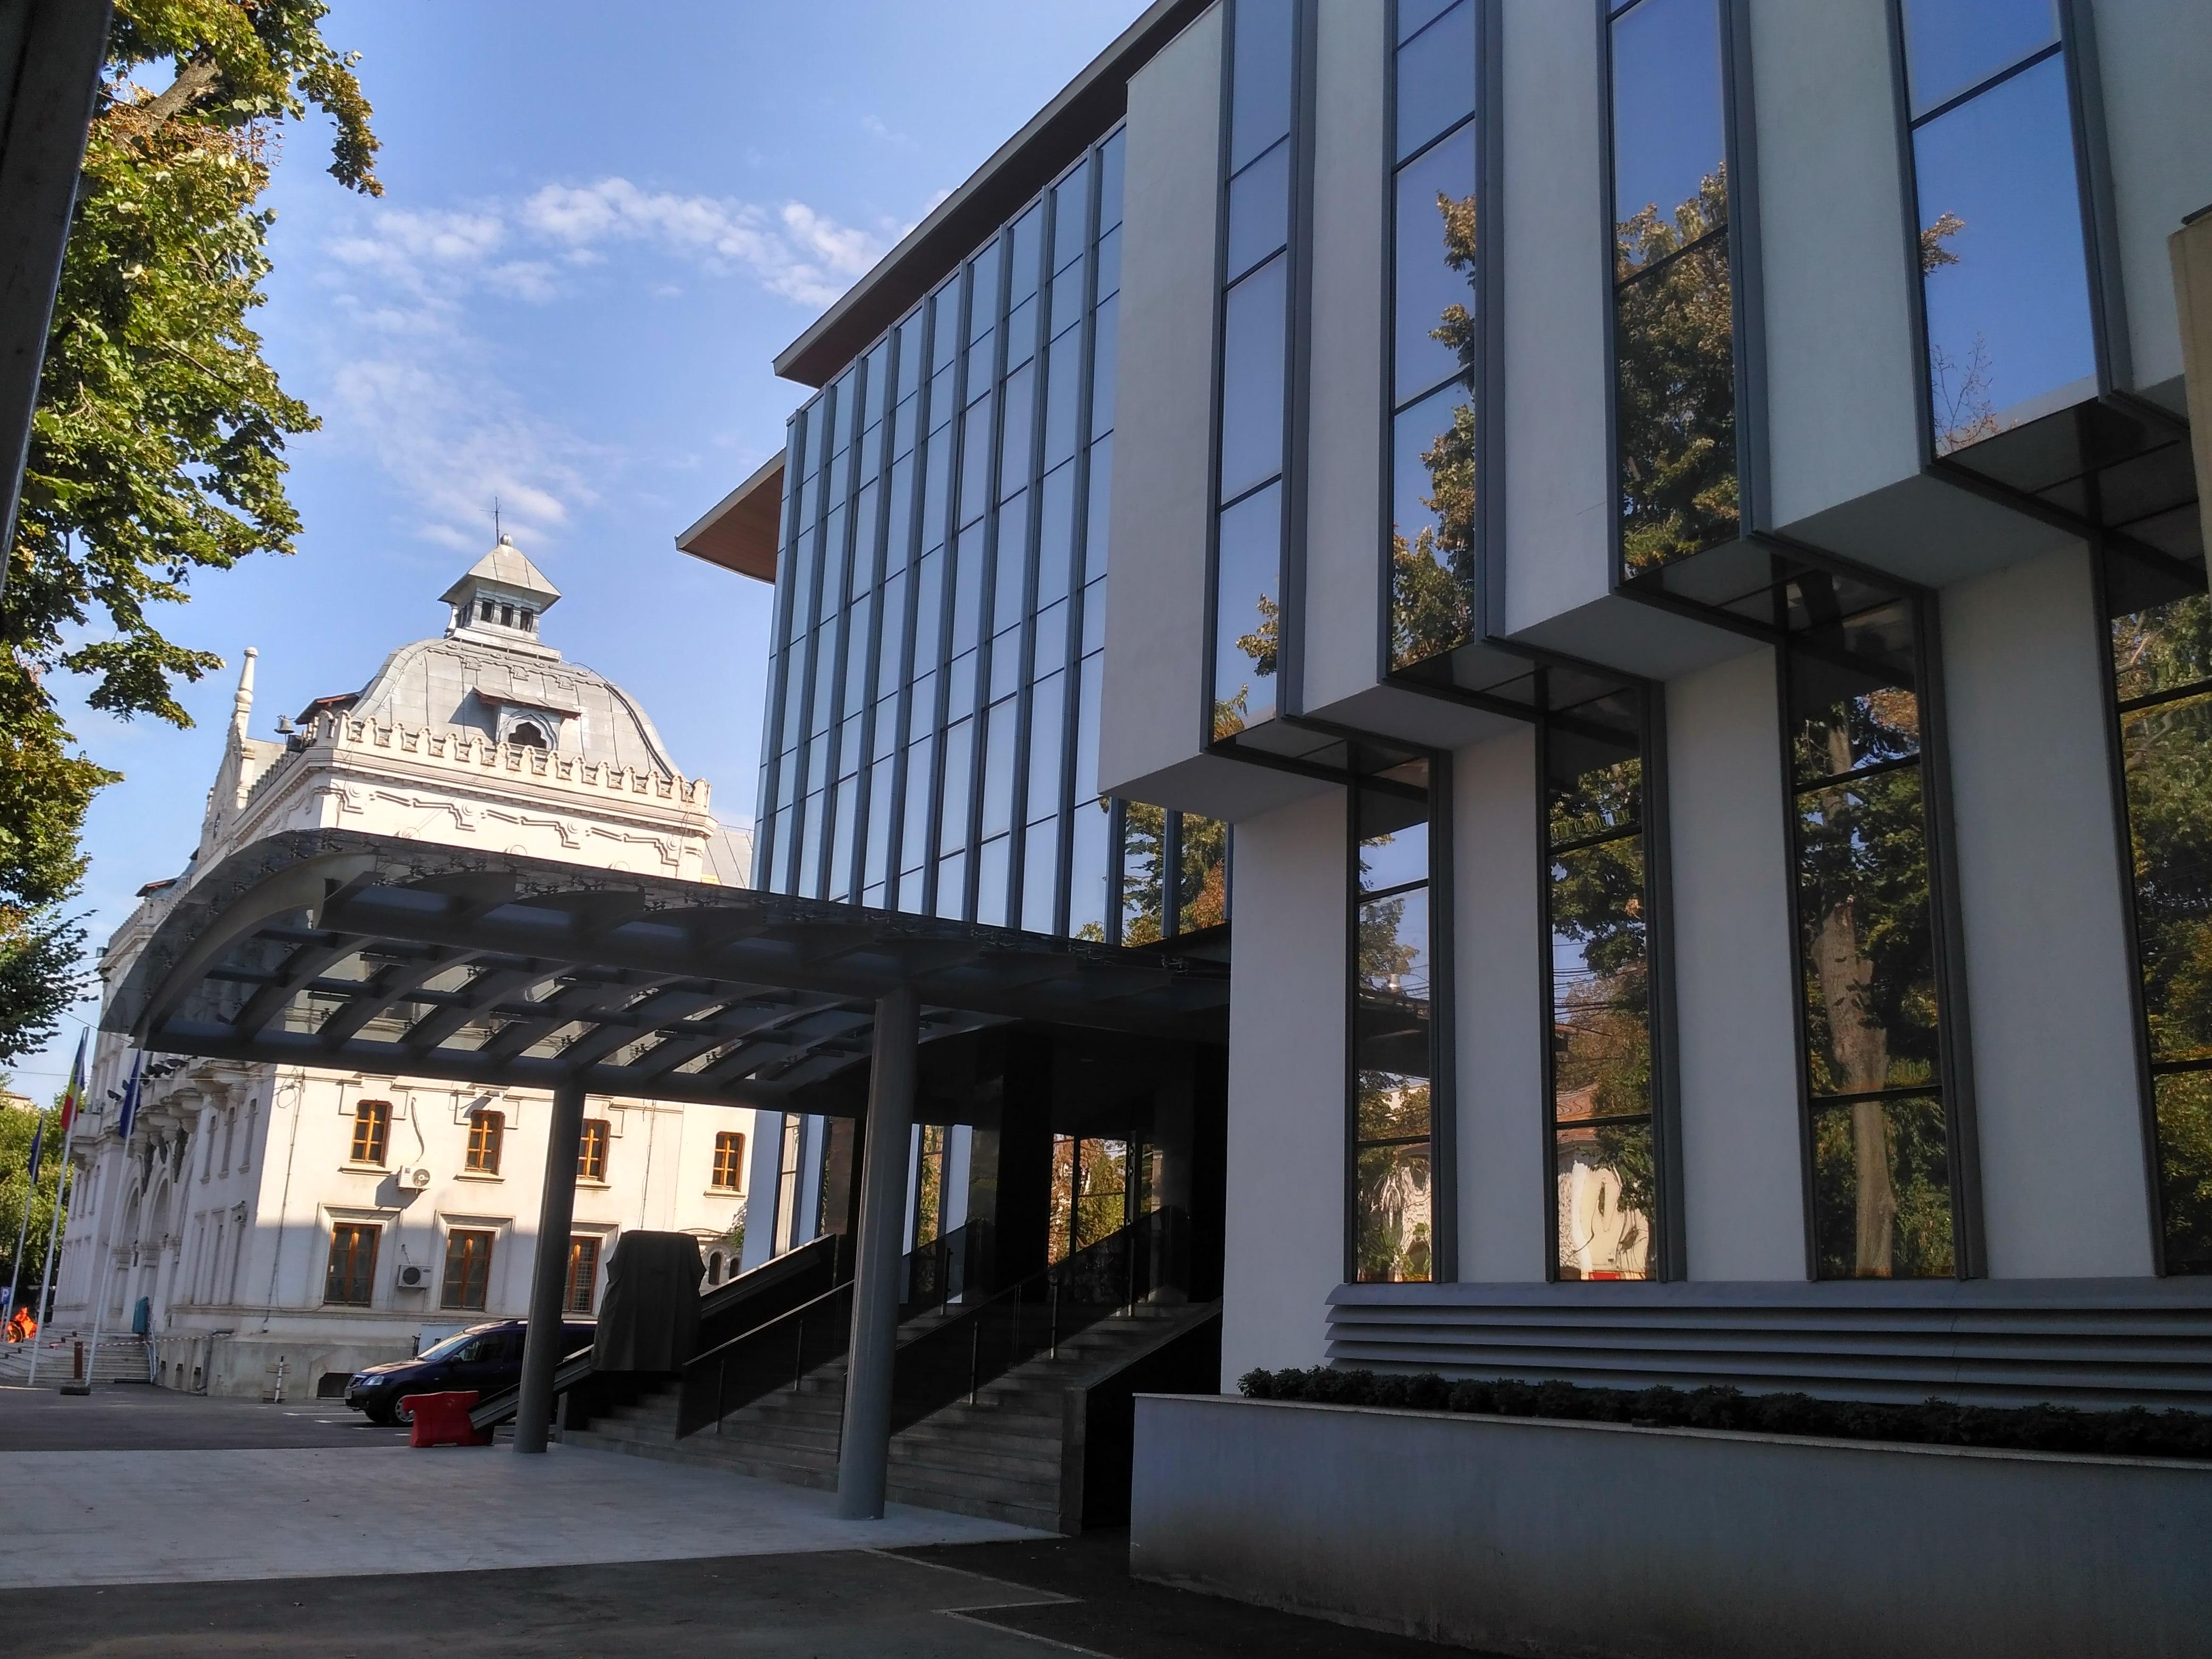 Galaţi: Noua Primărie, un colos din sticlă şi metal ridicat în zona istorică protejată a oraşului, a fost inaugurată 3